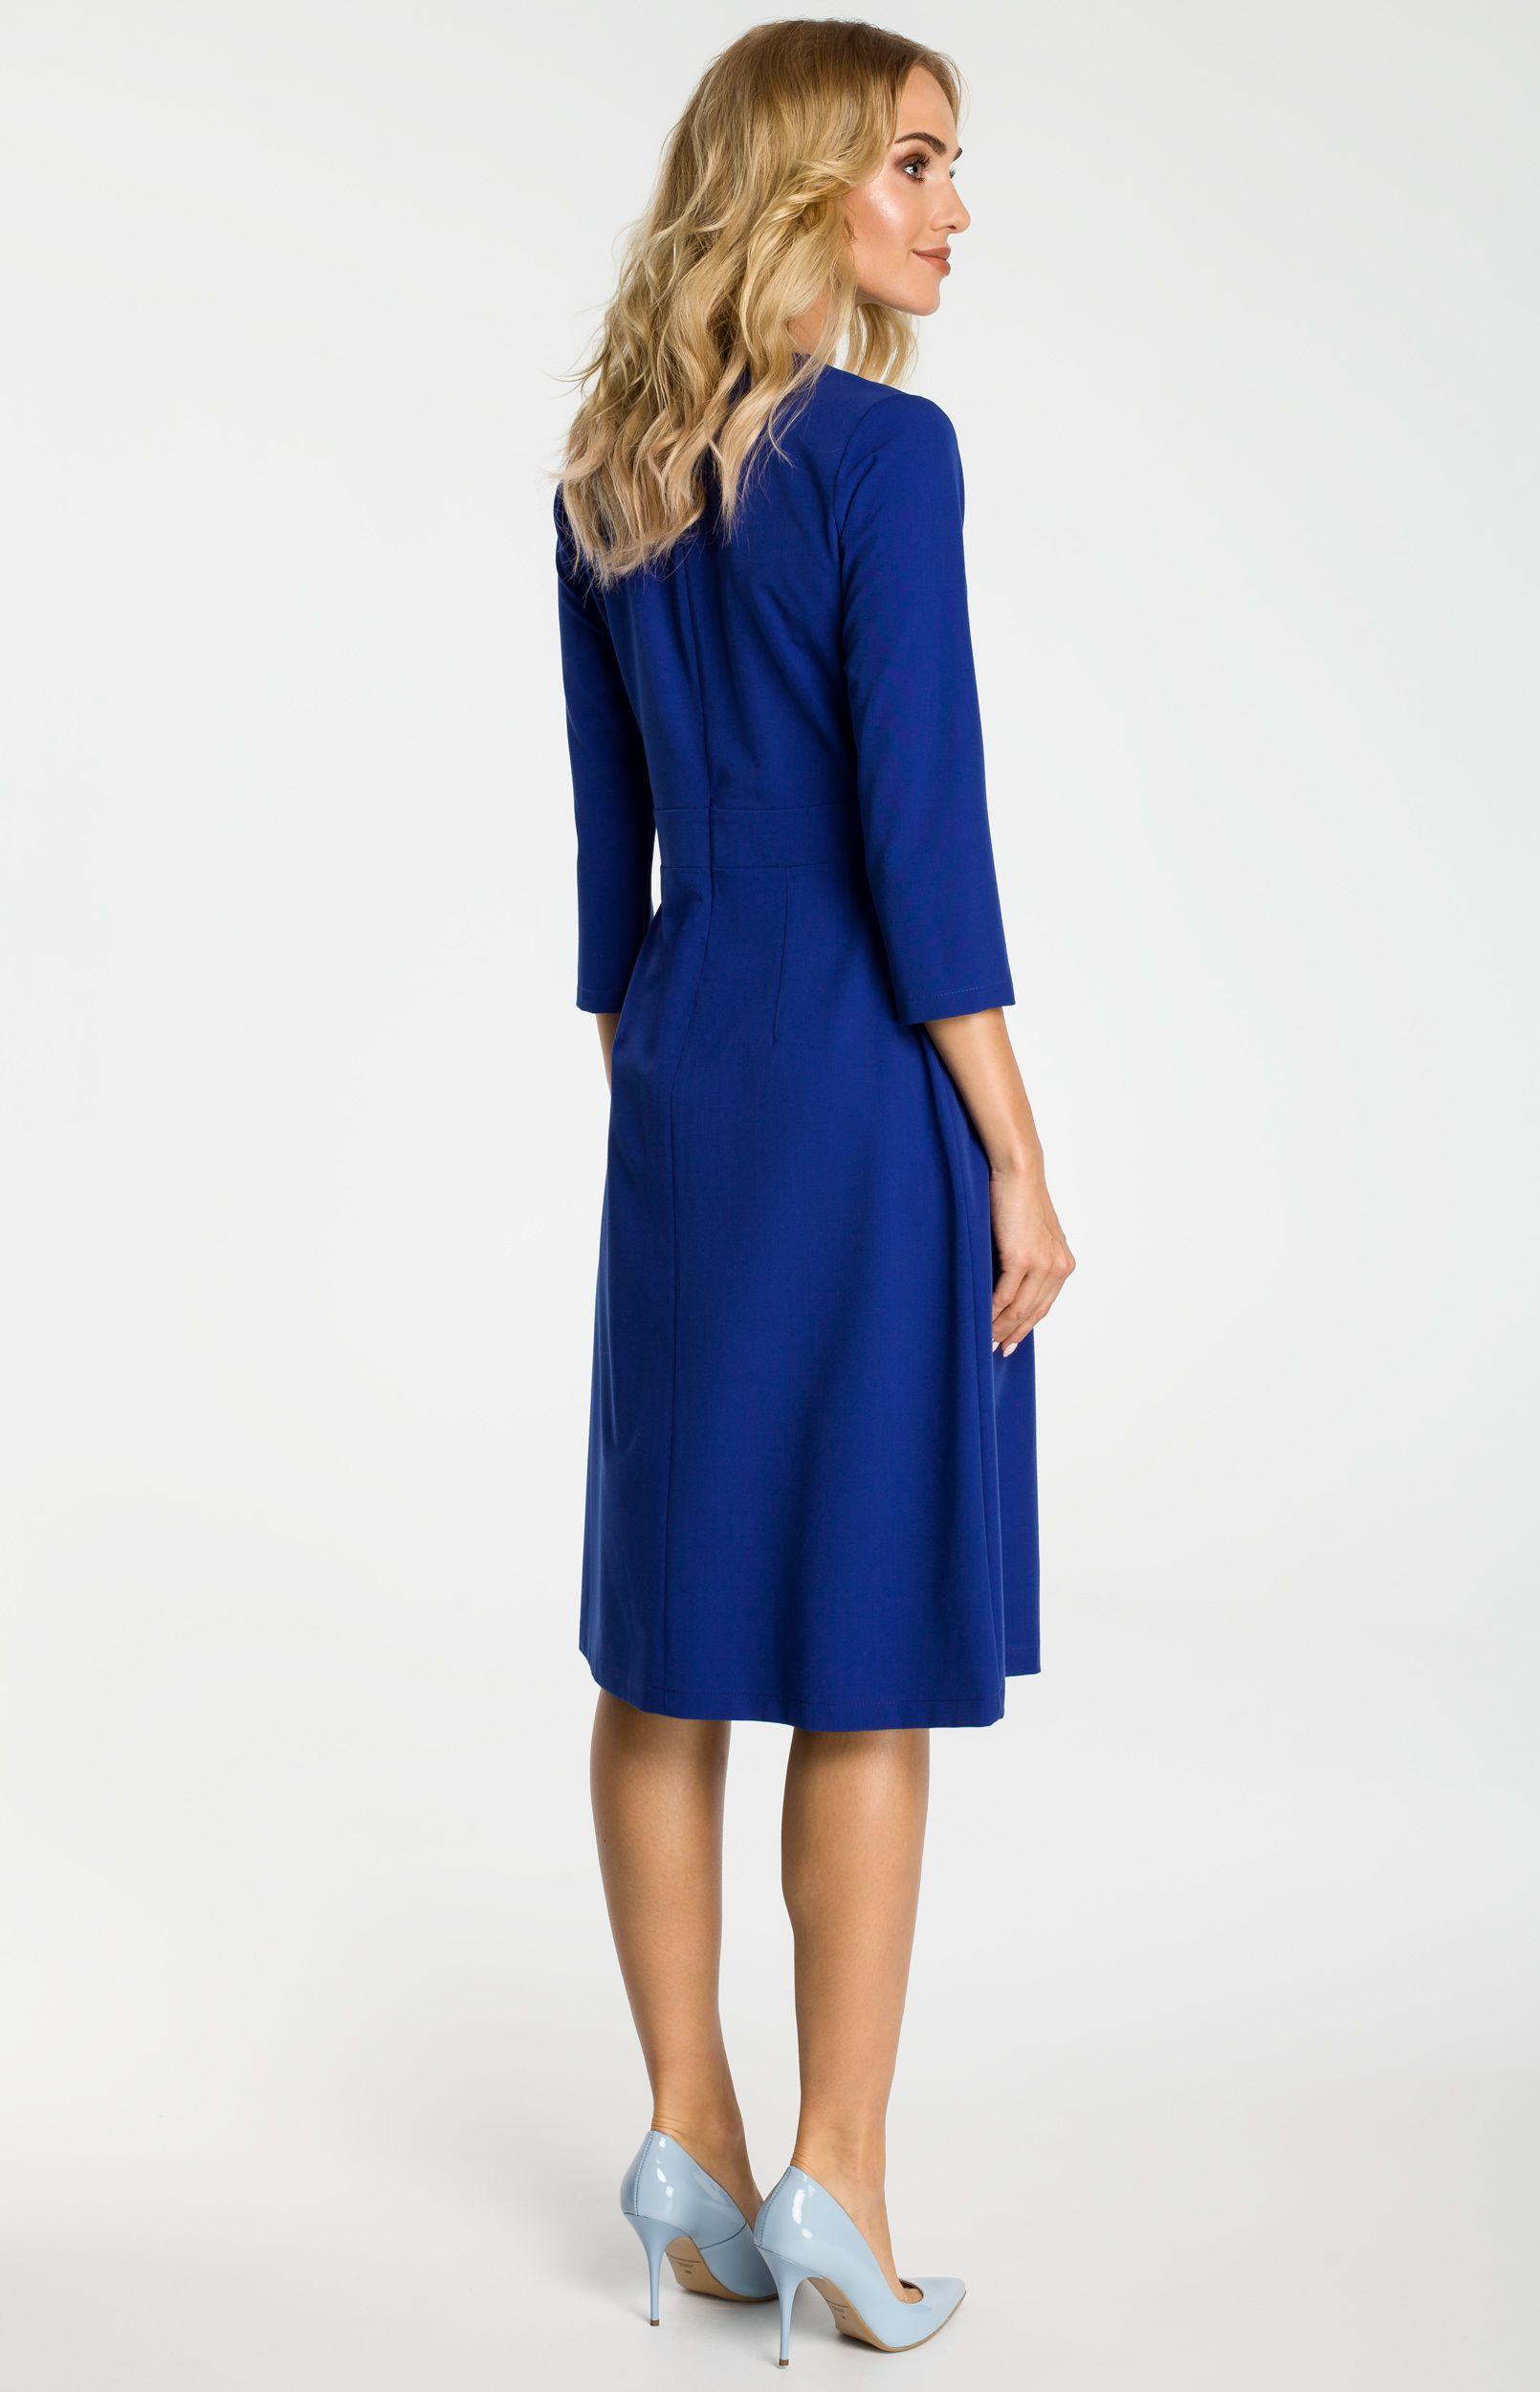 a89a6f85bc5 Robe plissée bleue manches 3 4 ME335B   idresstocode  boutique de  déshabillés et nuisettes